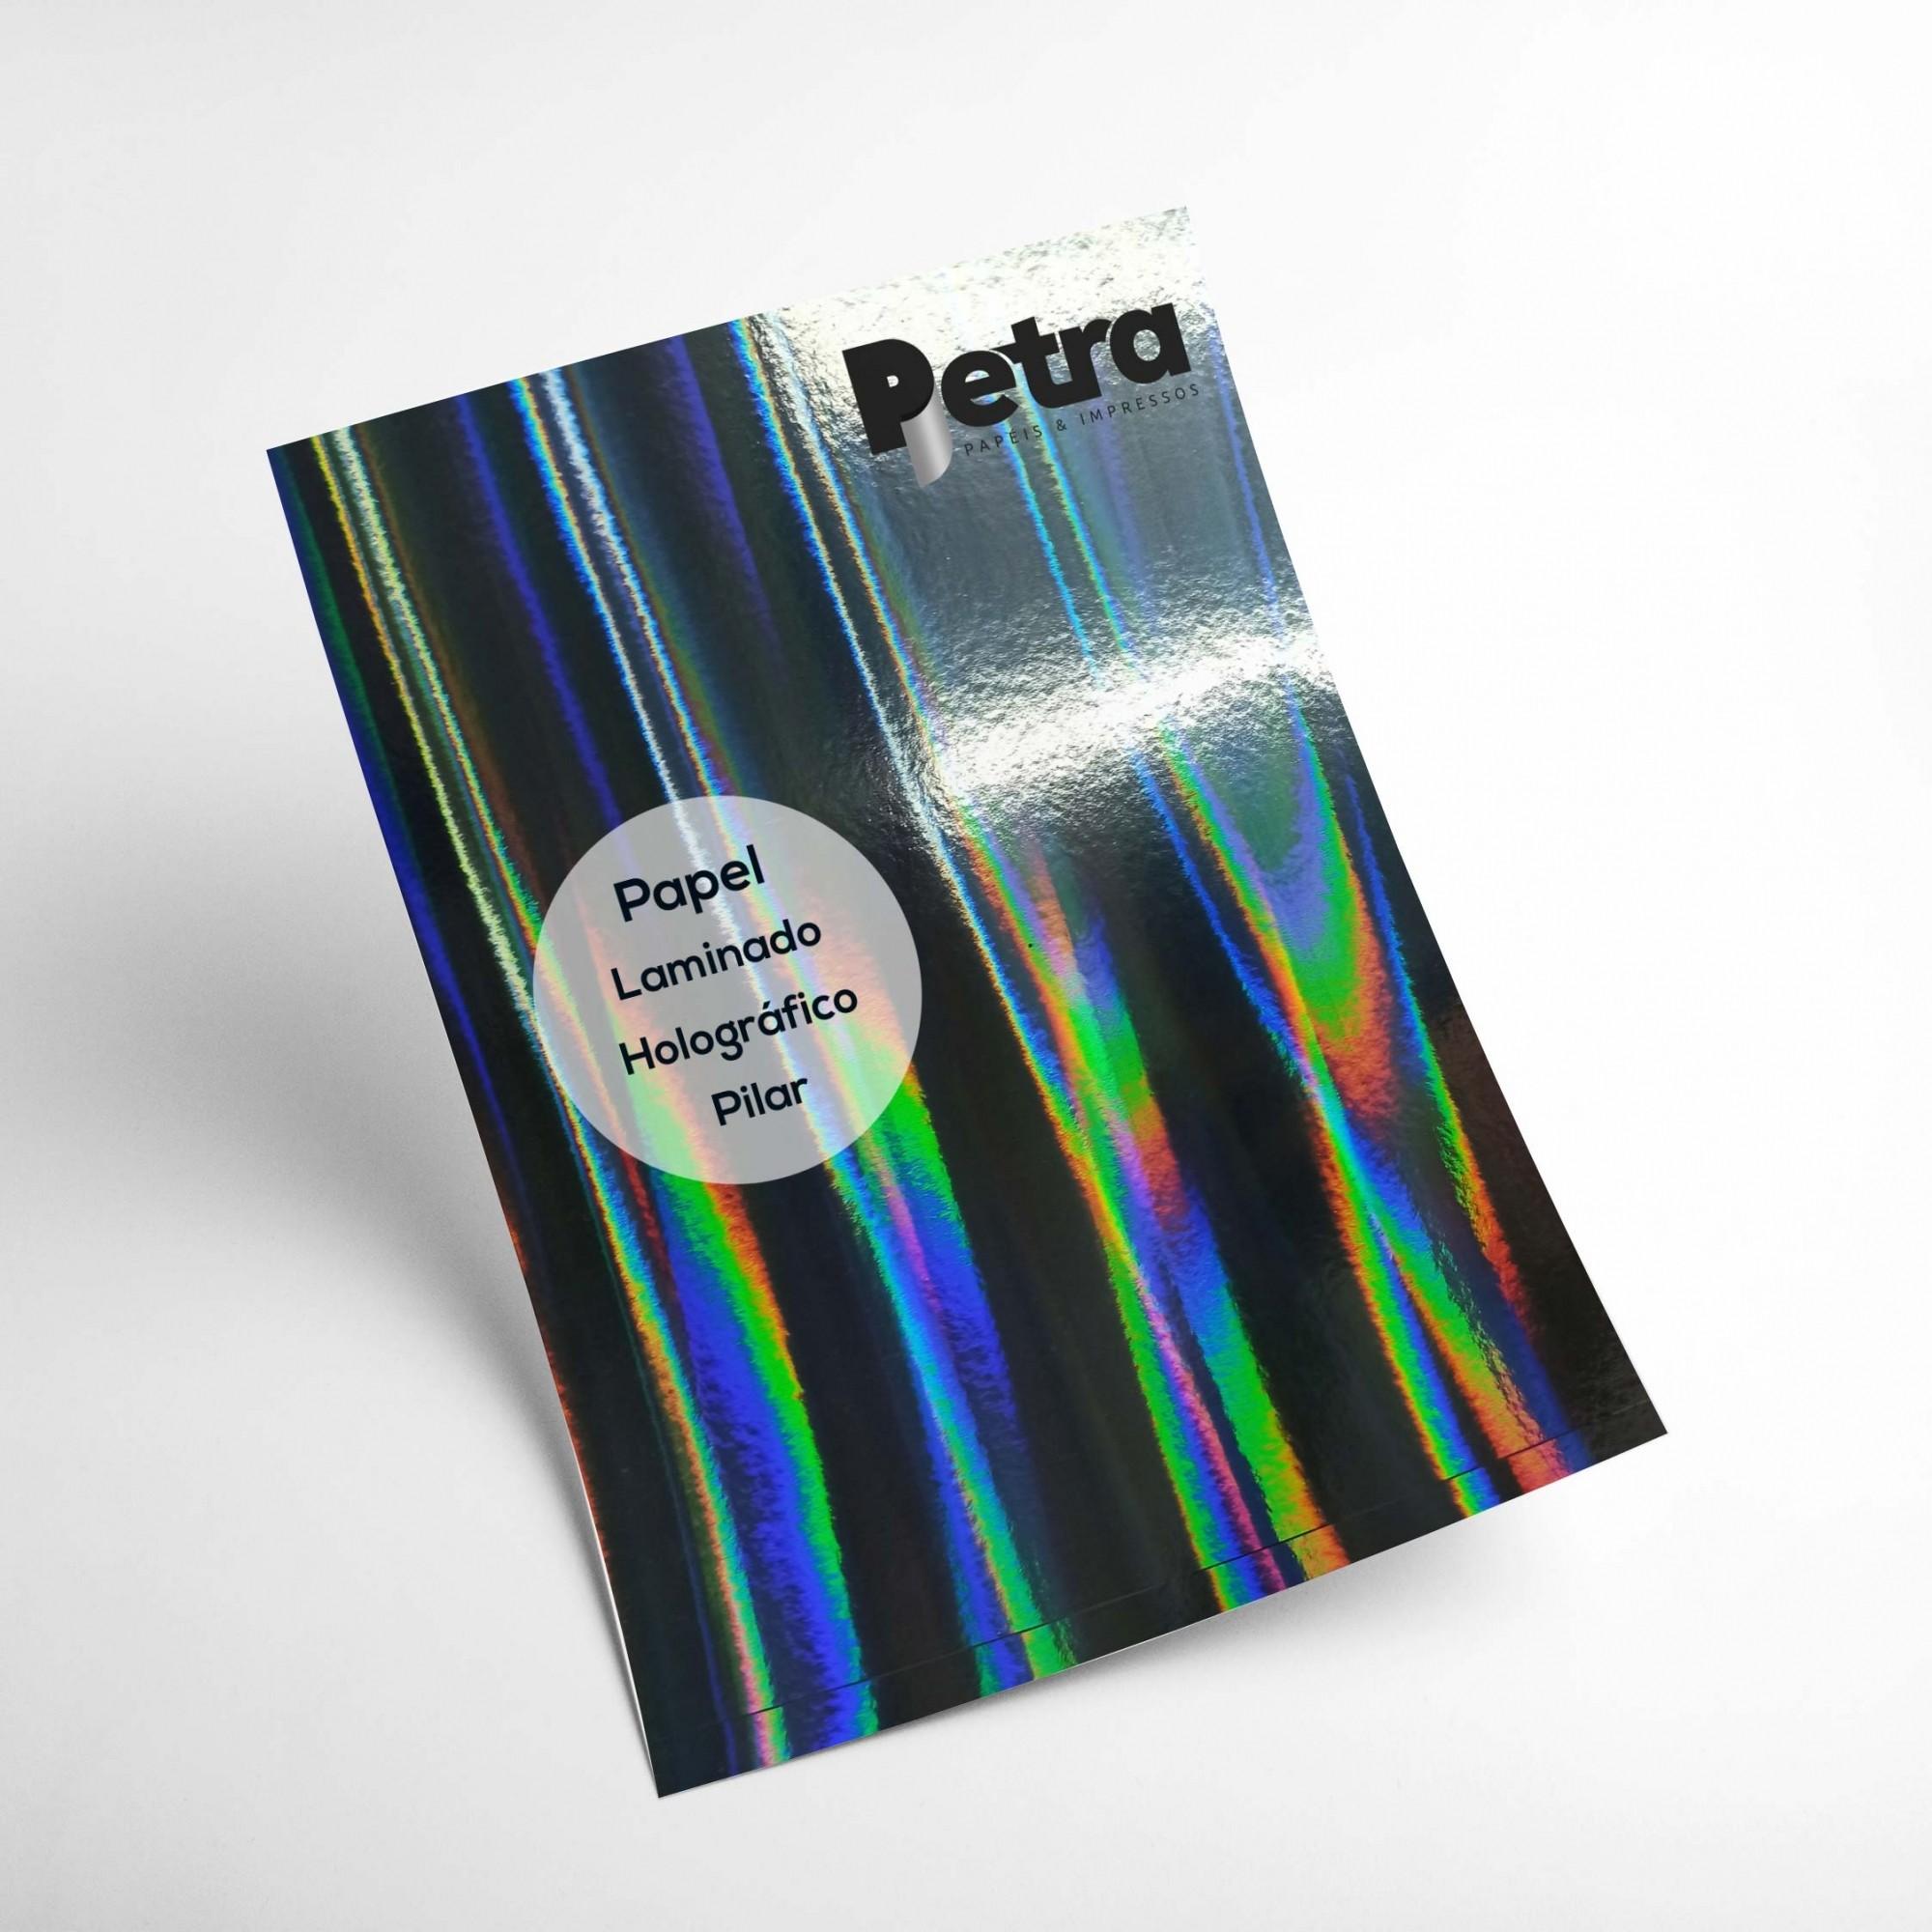 Laminando Holográfico Pilar 1 Face Tam. A4 - 250g/m² - com 20 folhas